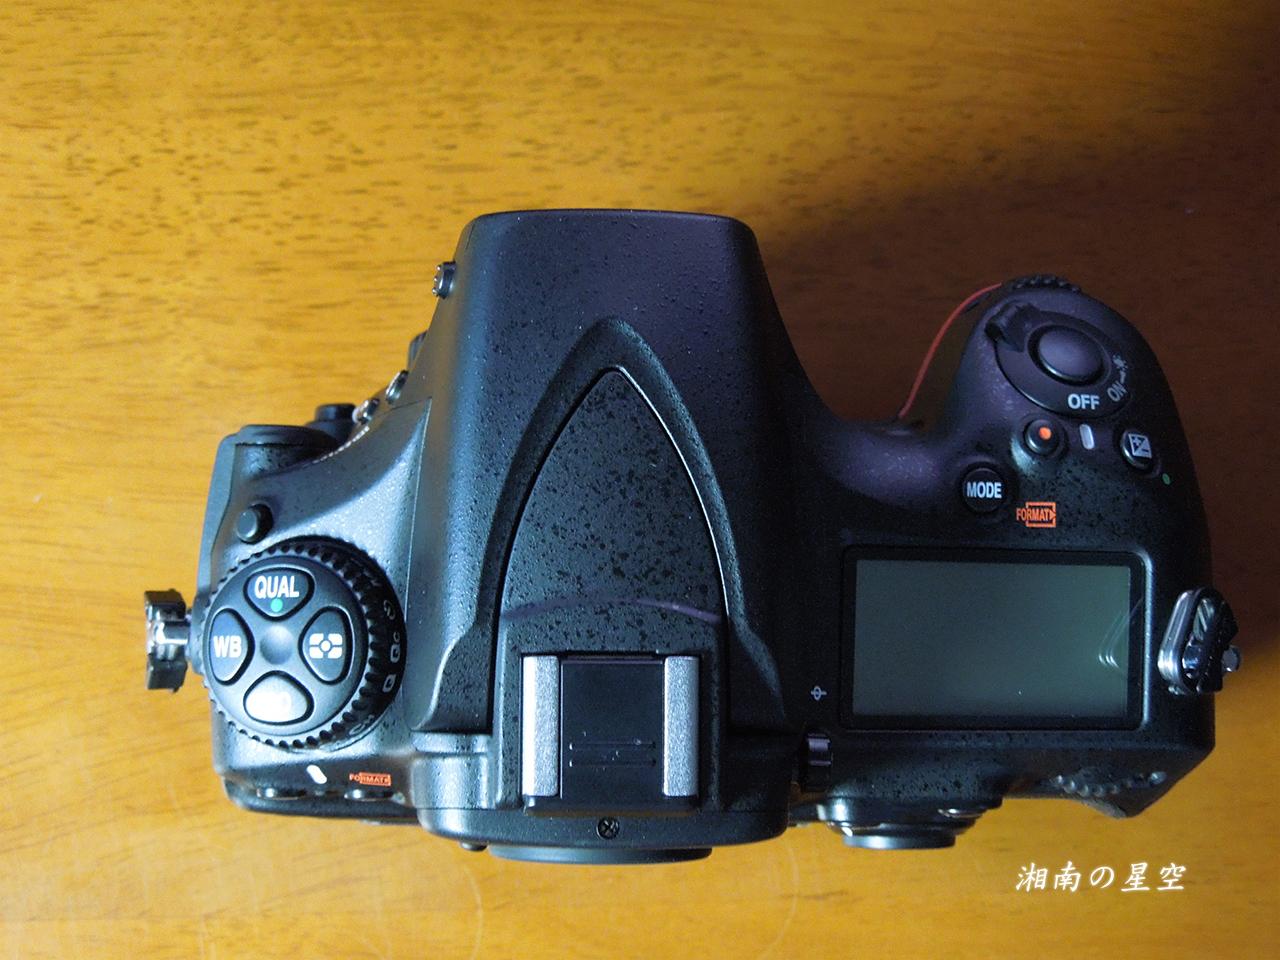 NikonD810A5